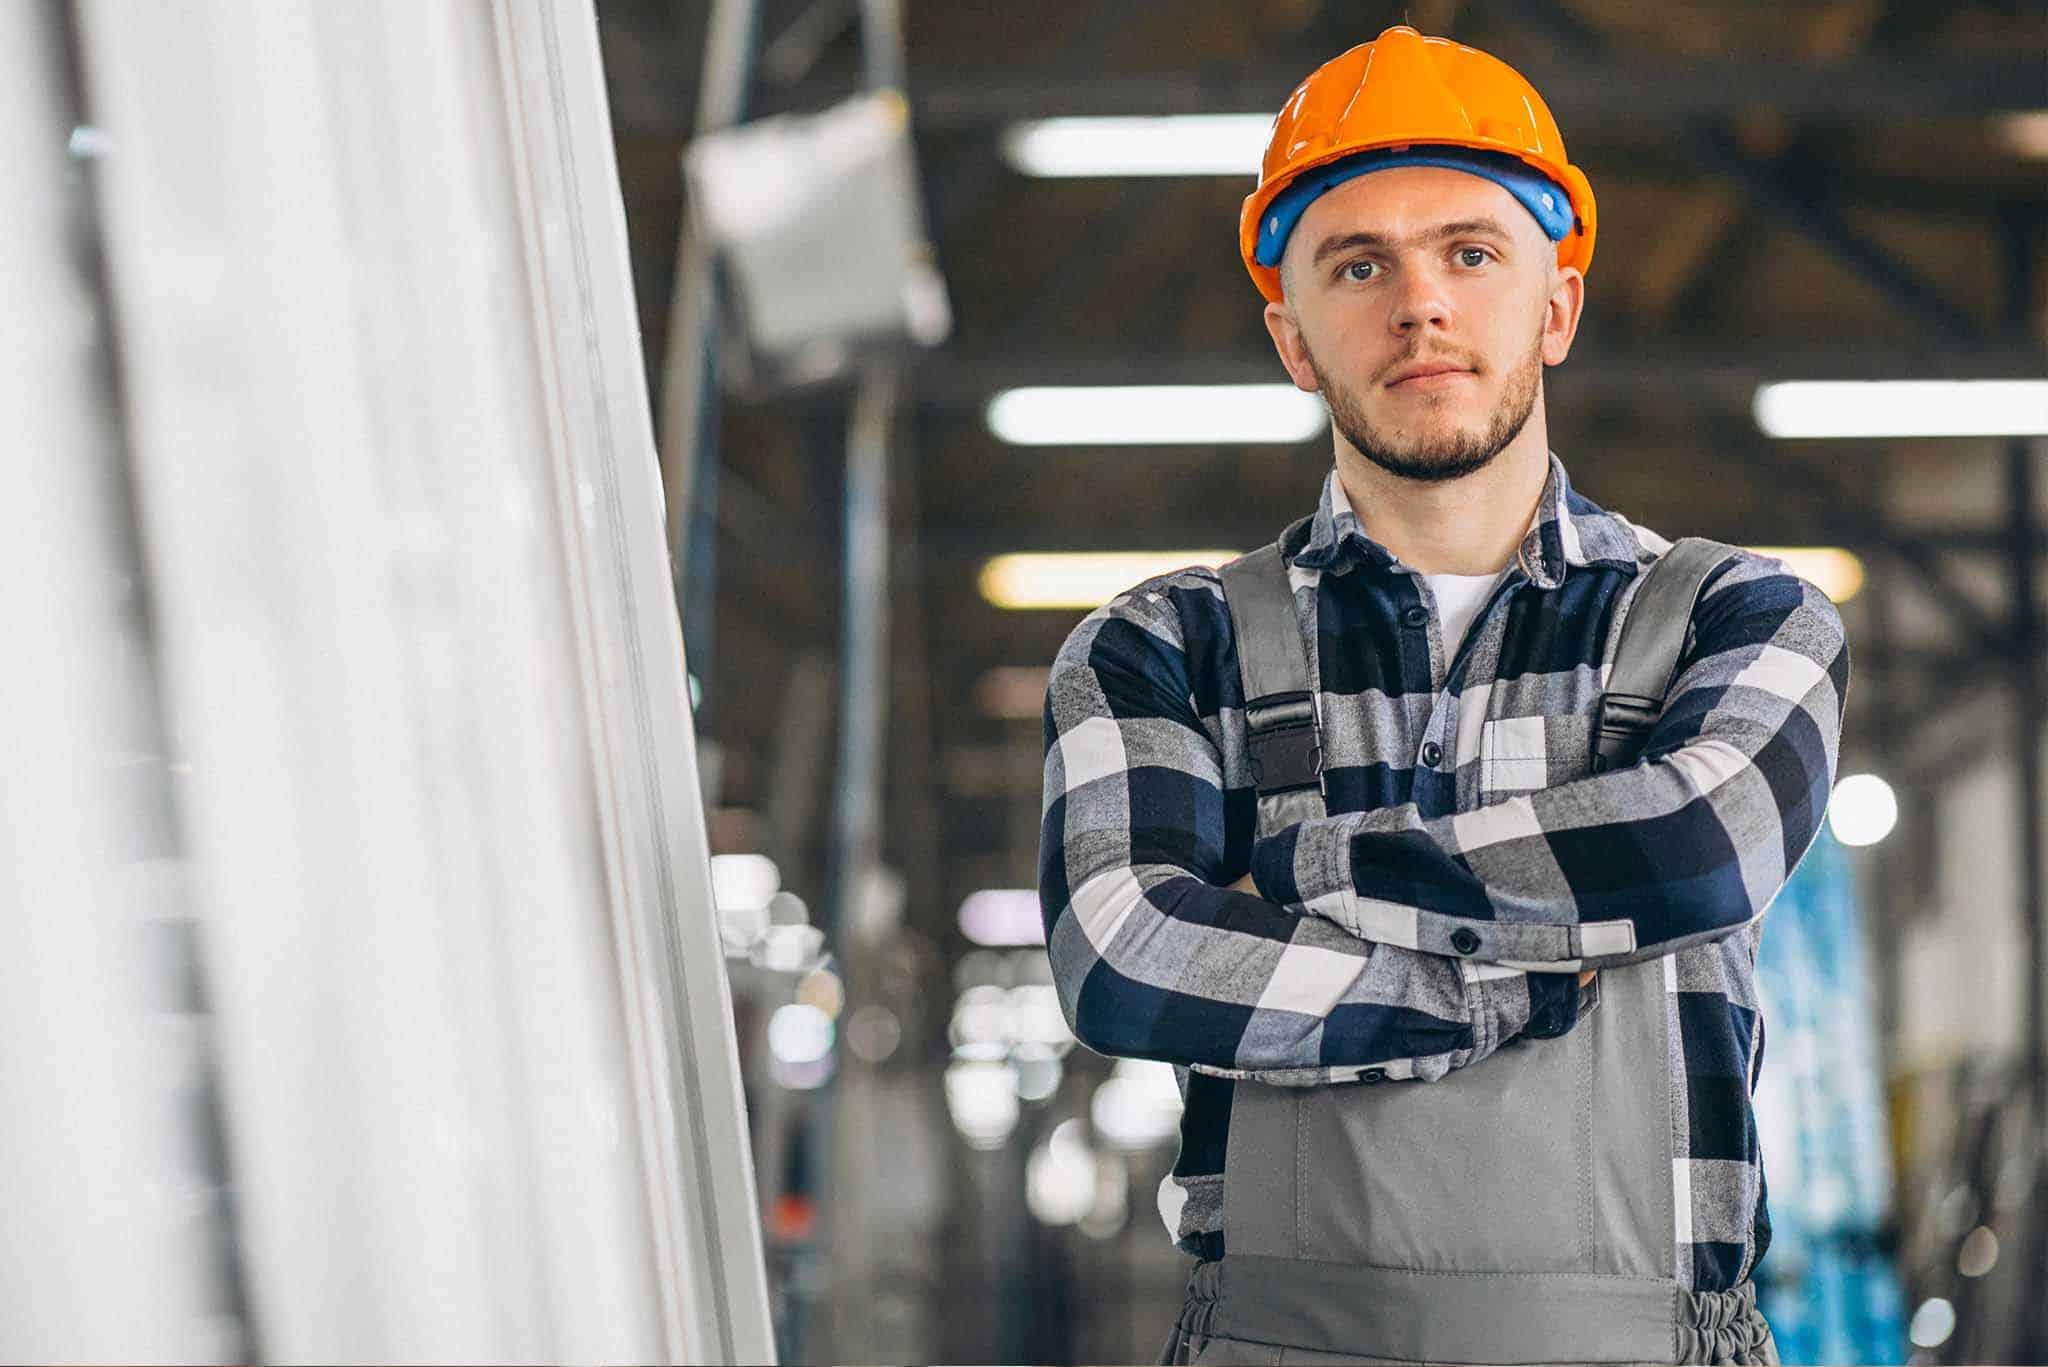 Poszukiwana osoba dopracy przy produkcji drzwi | HR KONO Outsourcing